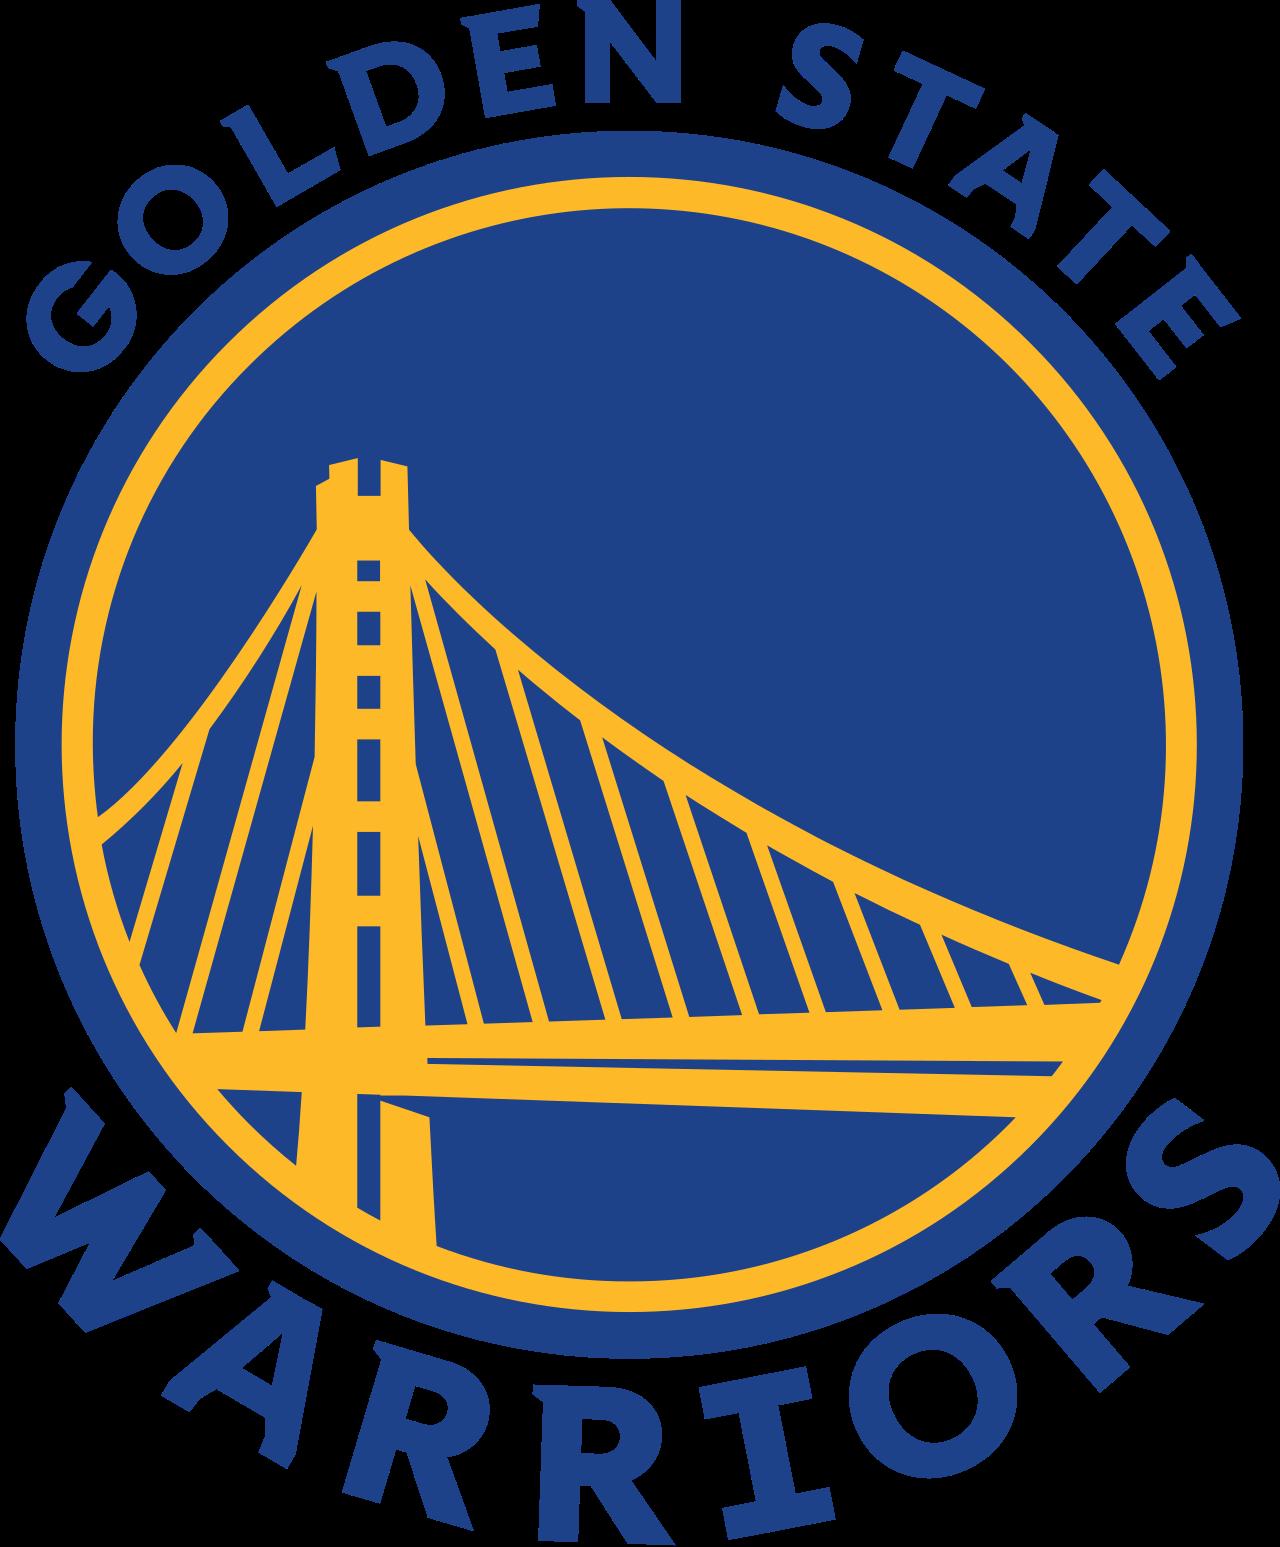 """Résultat de recherche d'images pour """"logo golden state warriors"""""""